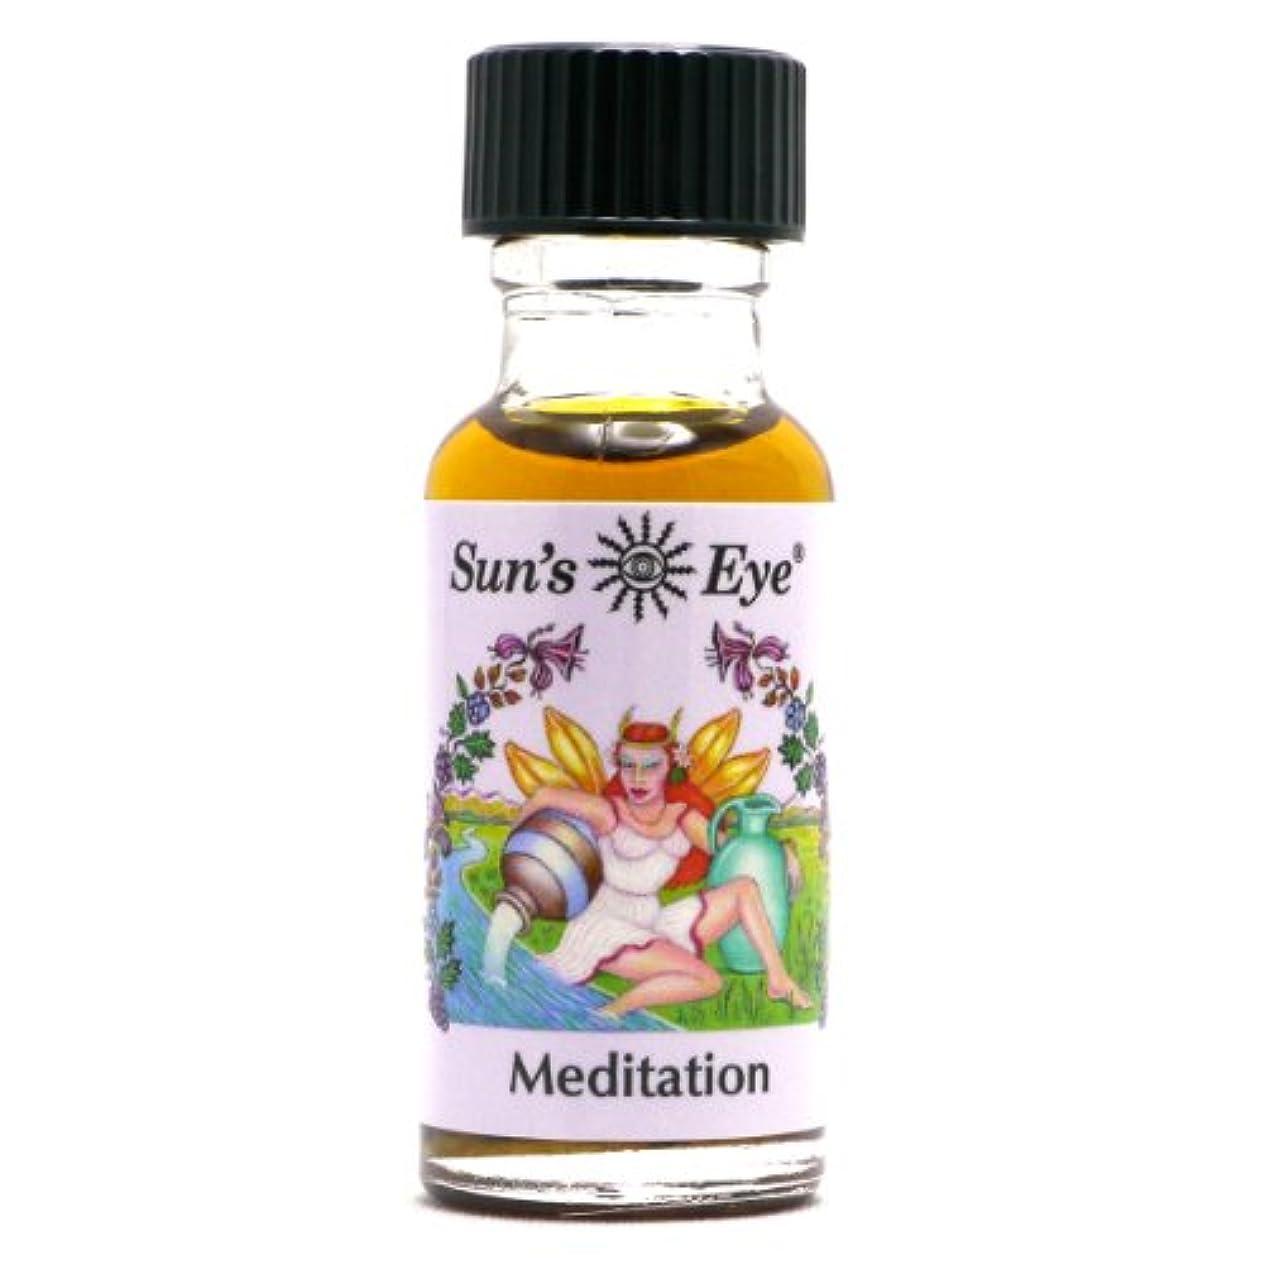 交流するヘルシー反映する【Sun'sEye サンズアイ】Mystic Blends(ミスティックブレンドオイル)Meditation(メディテーション 瞑想)